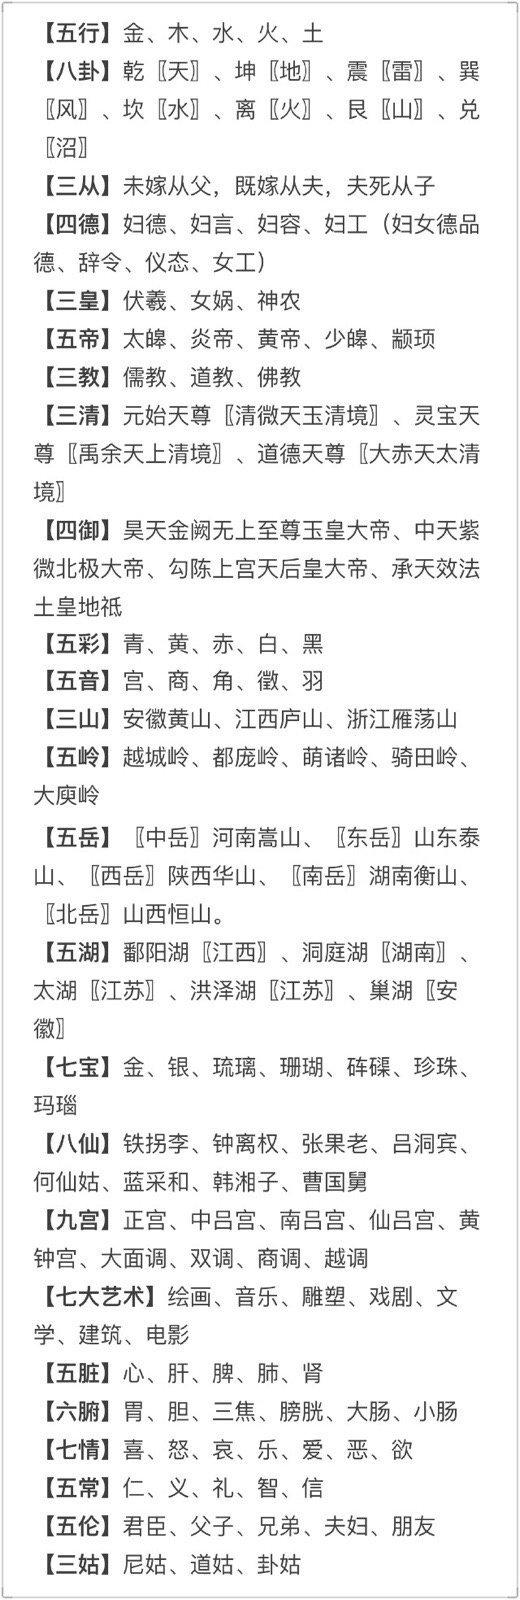 中国传统文化常识集锦,马住!